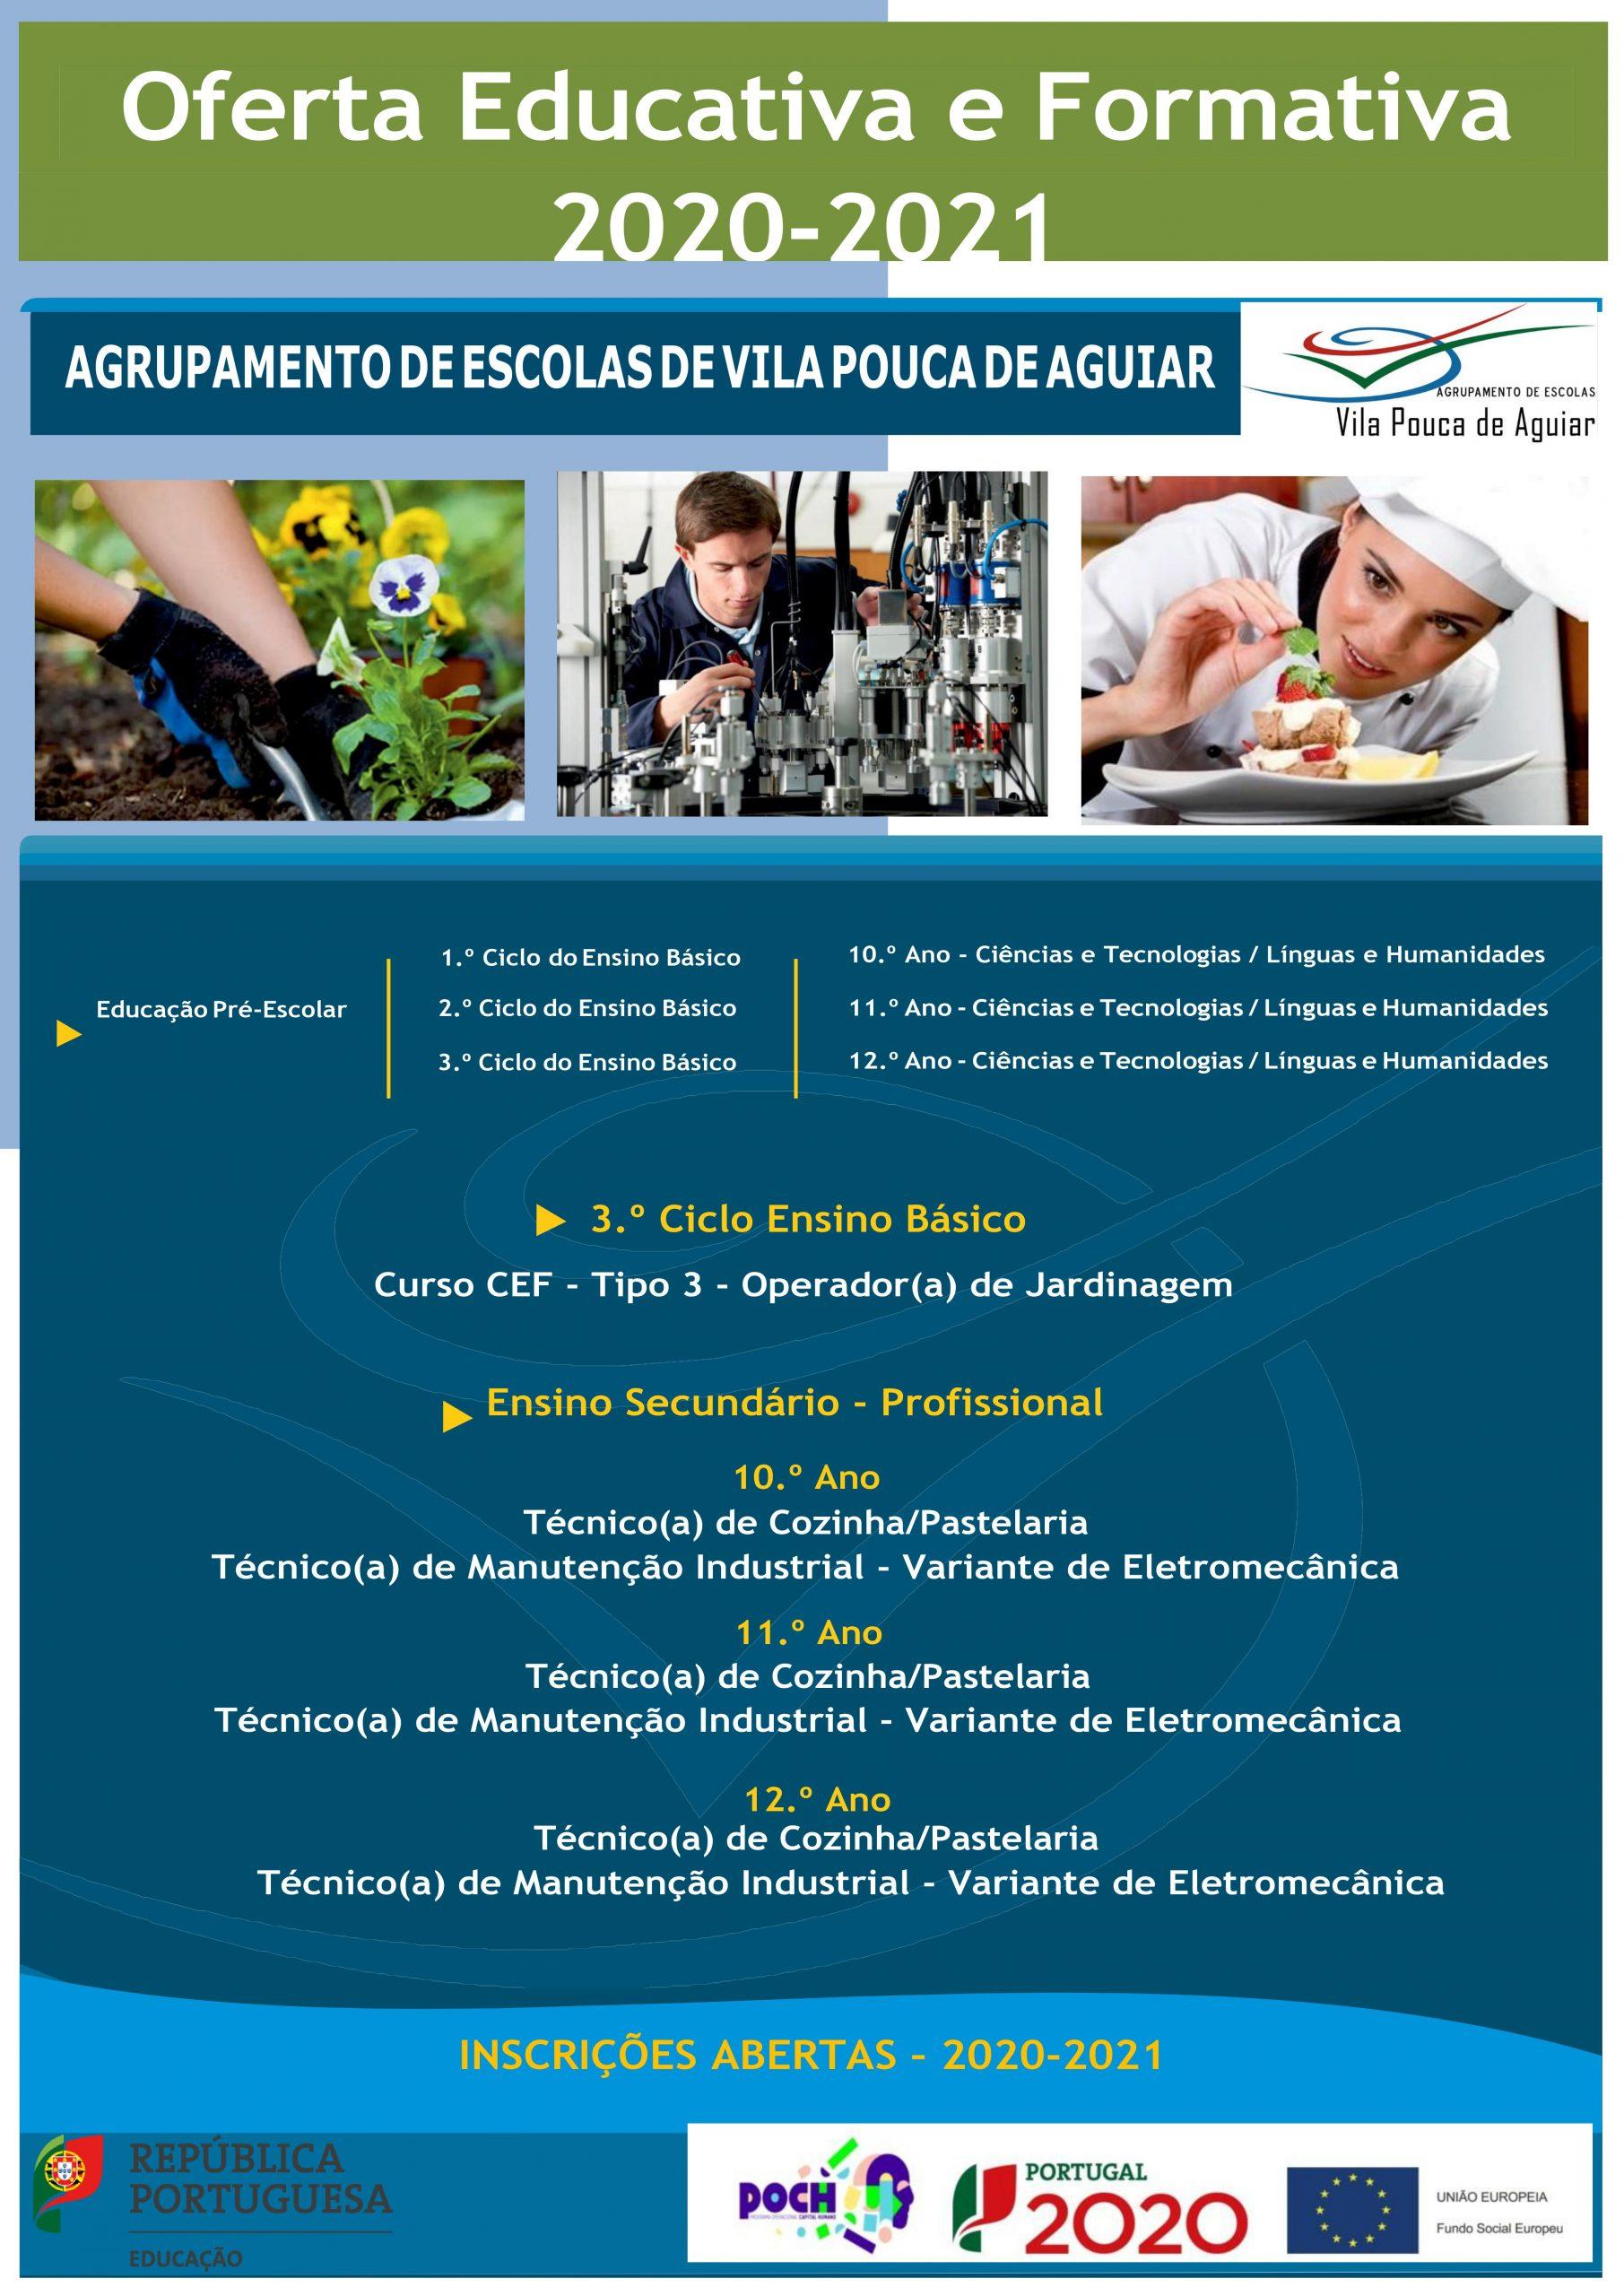 Oferta Educativa e Formativa 2020/2021